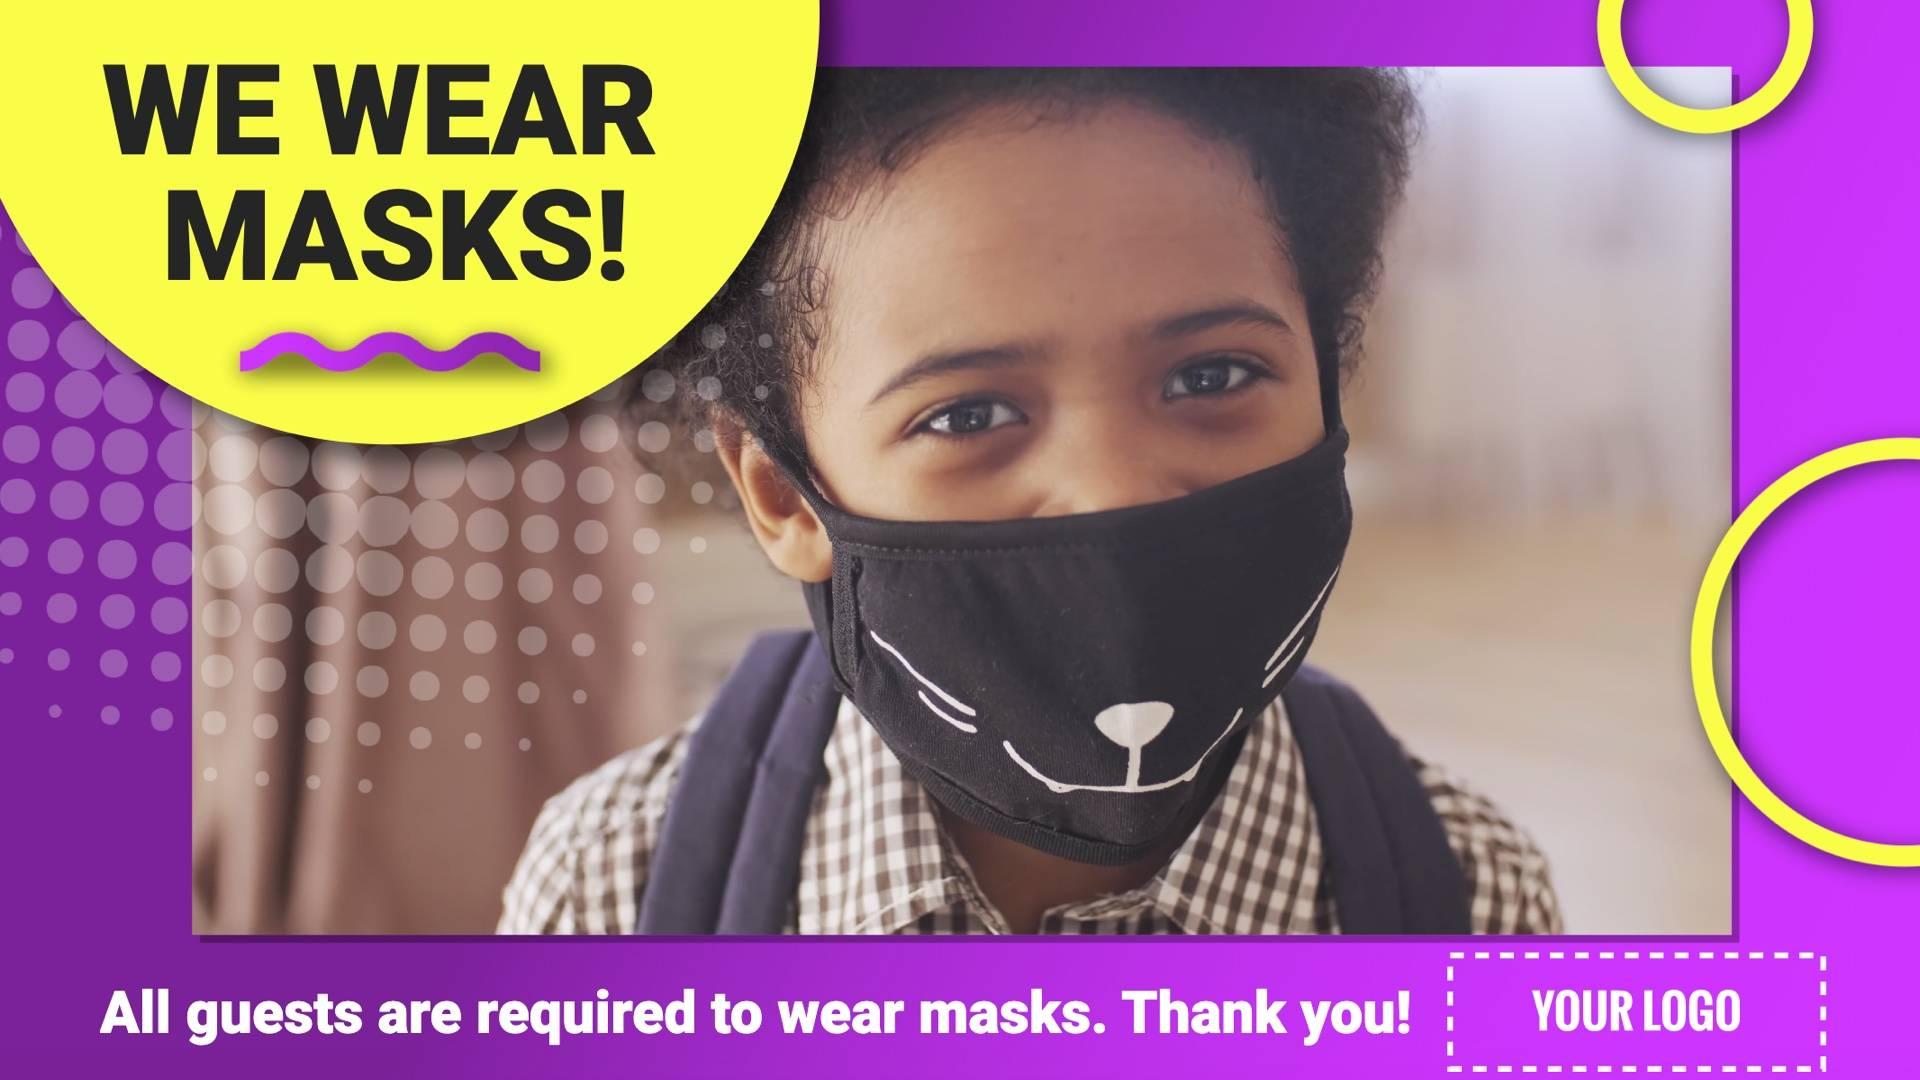 Wear Masks Digital Signage Template